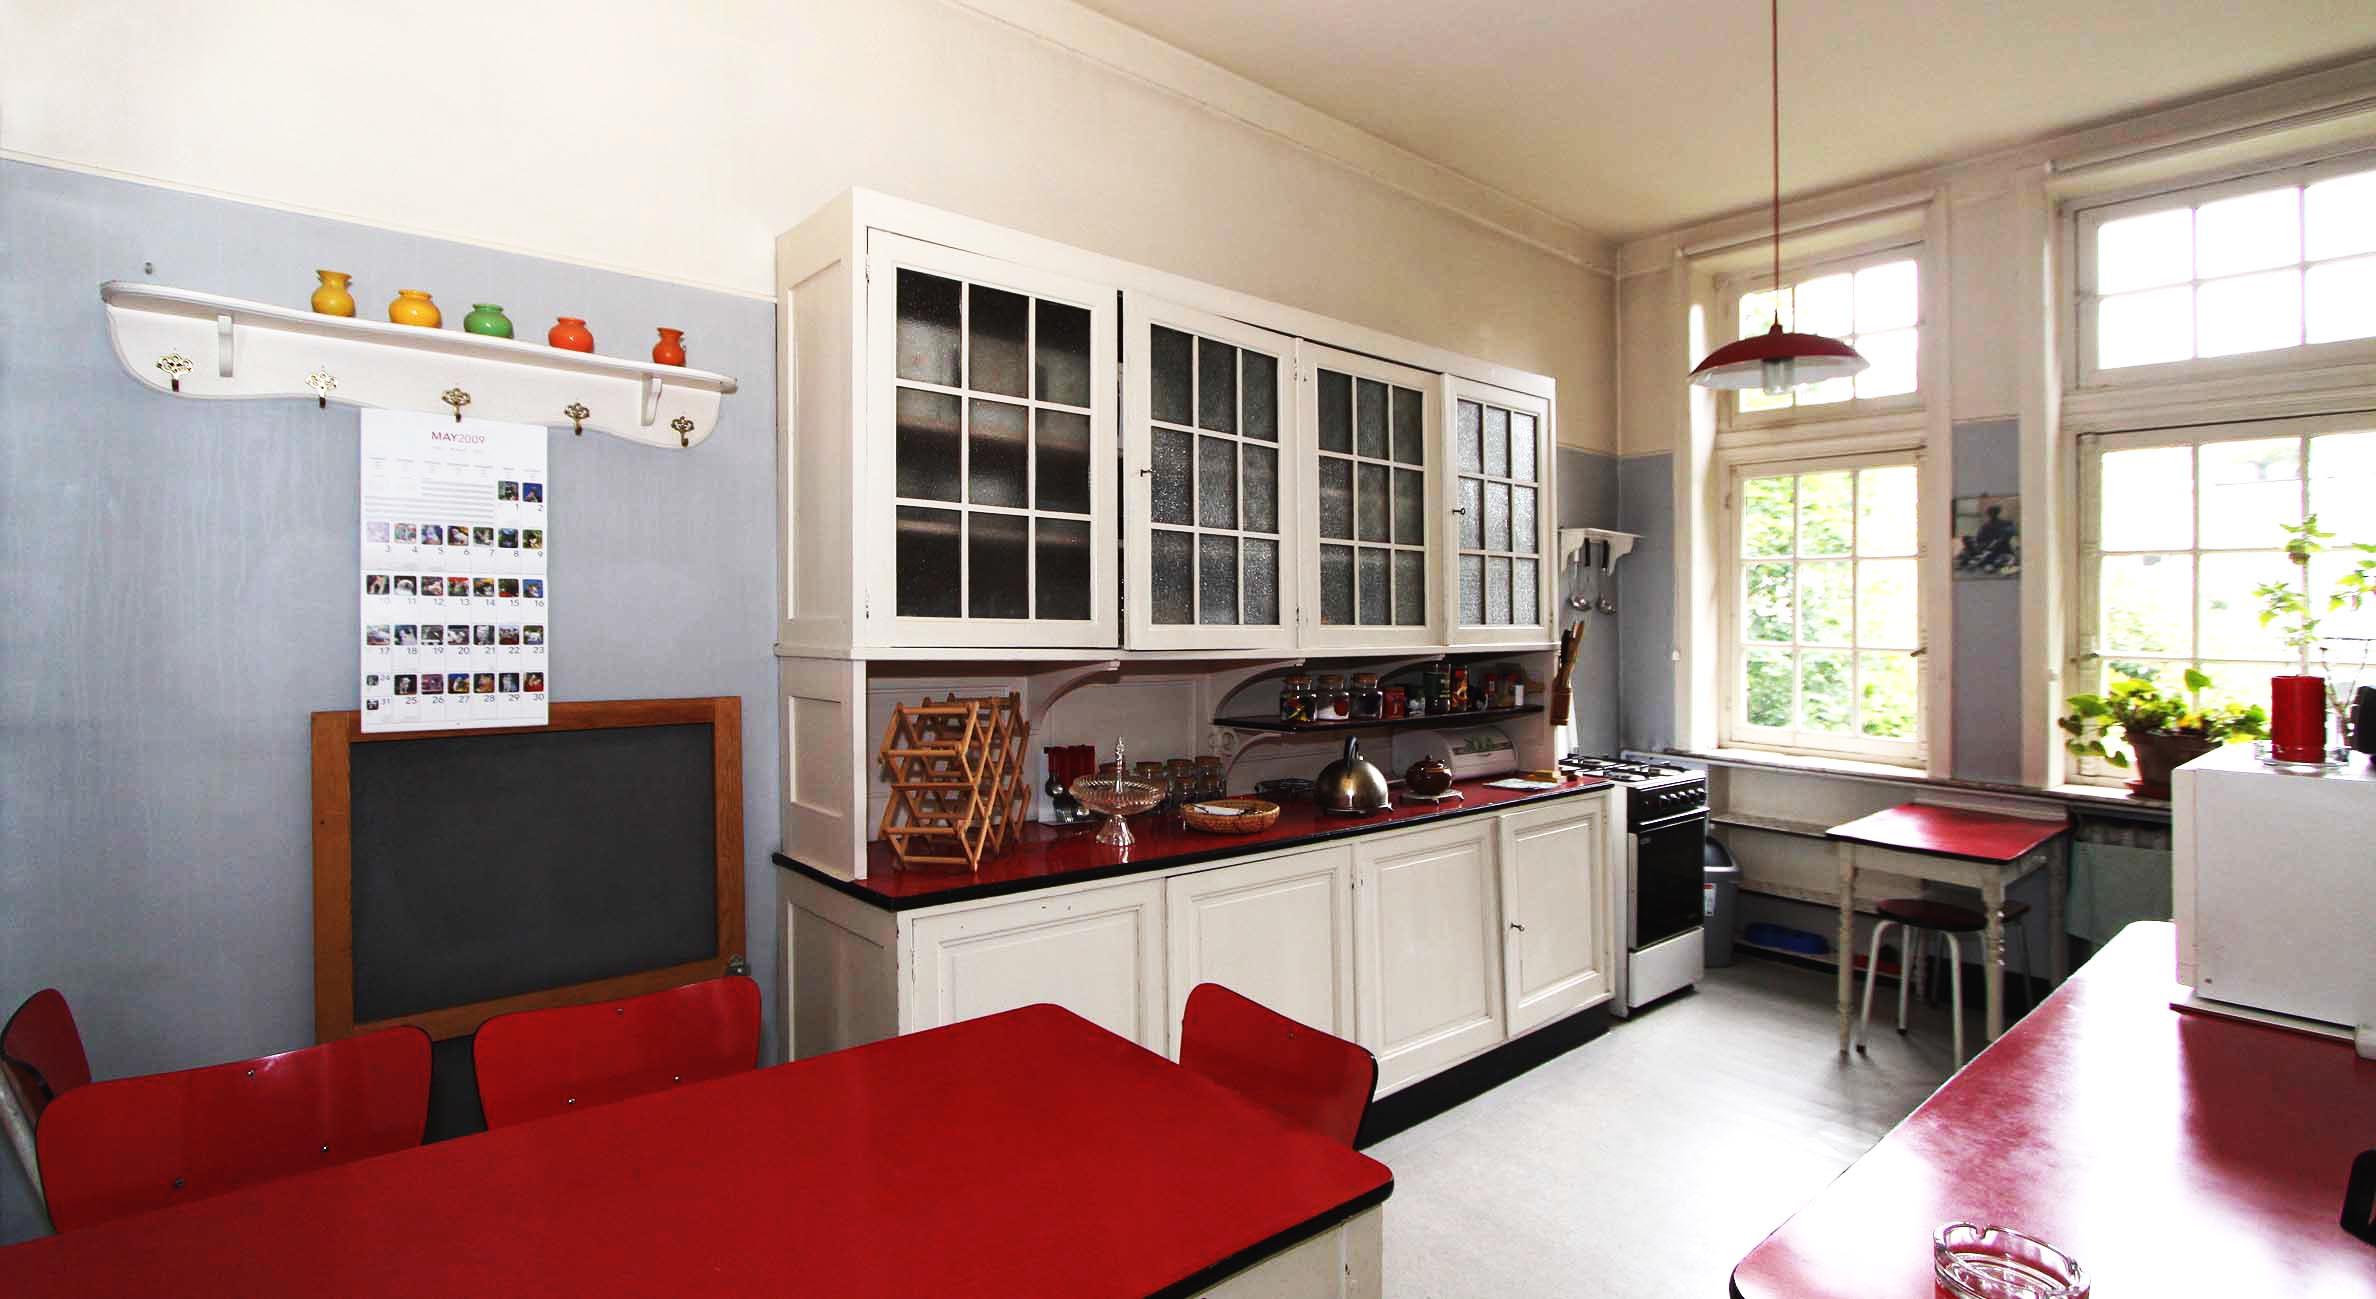 Location appartement Rennes, si vous avez besoin d'infos